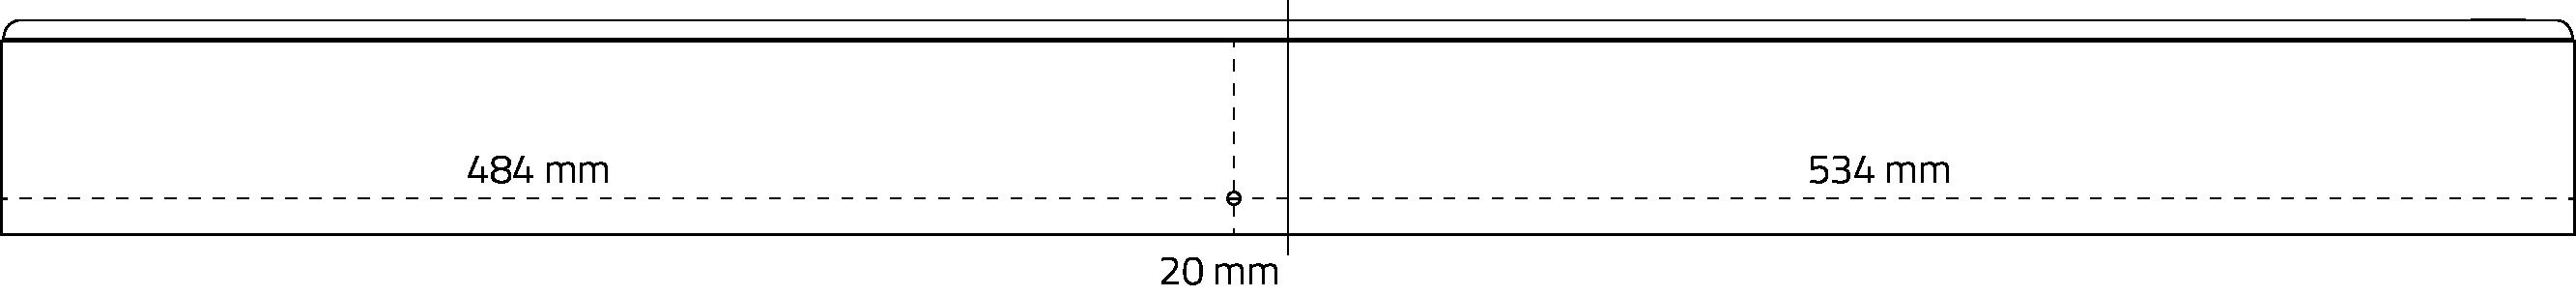 SB-1_Bottom.png